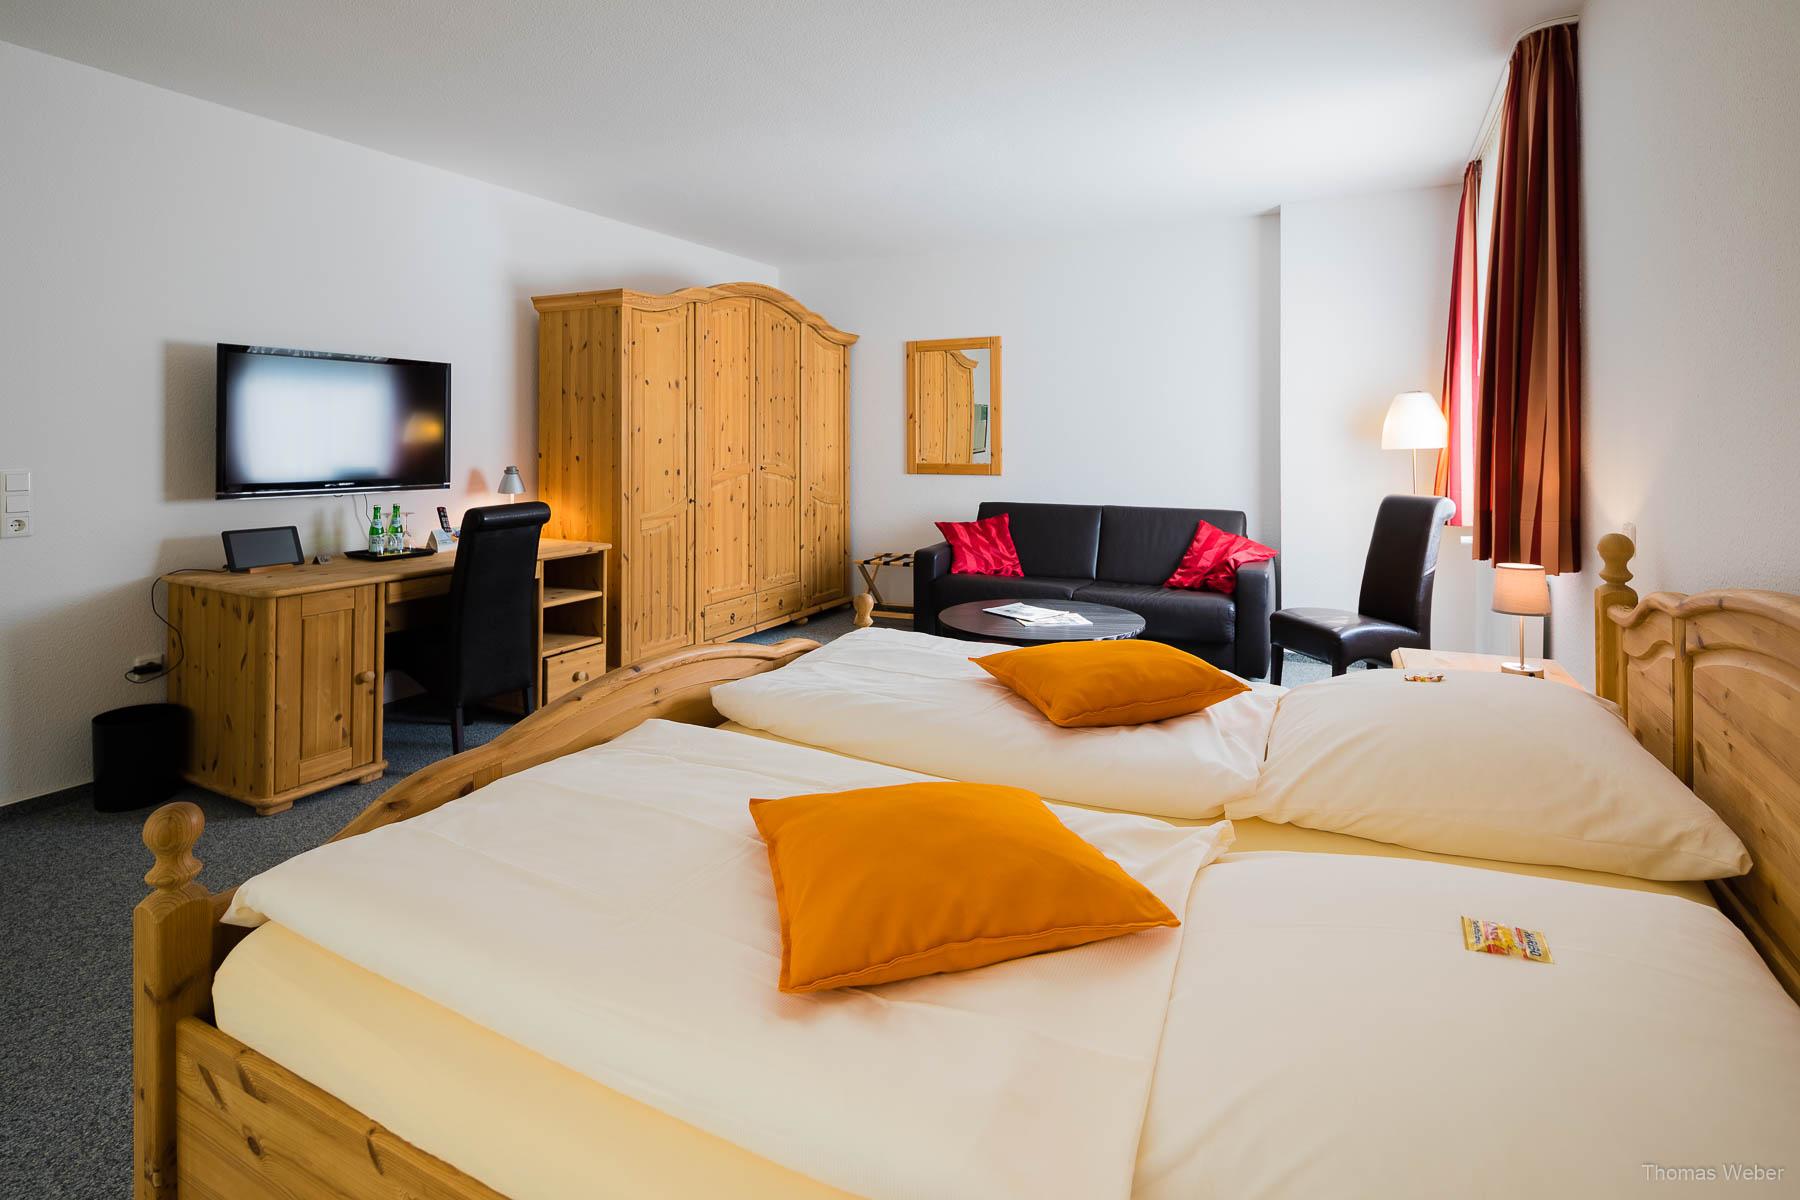 Architekturfotograf Thomas Weber aus Oldenburg: Hotelfotos des Hellmanns's Hotel Bremers Bauerndiele